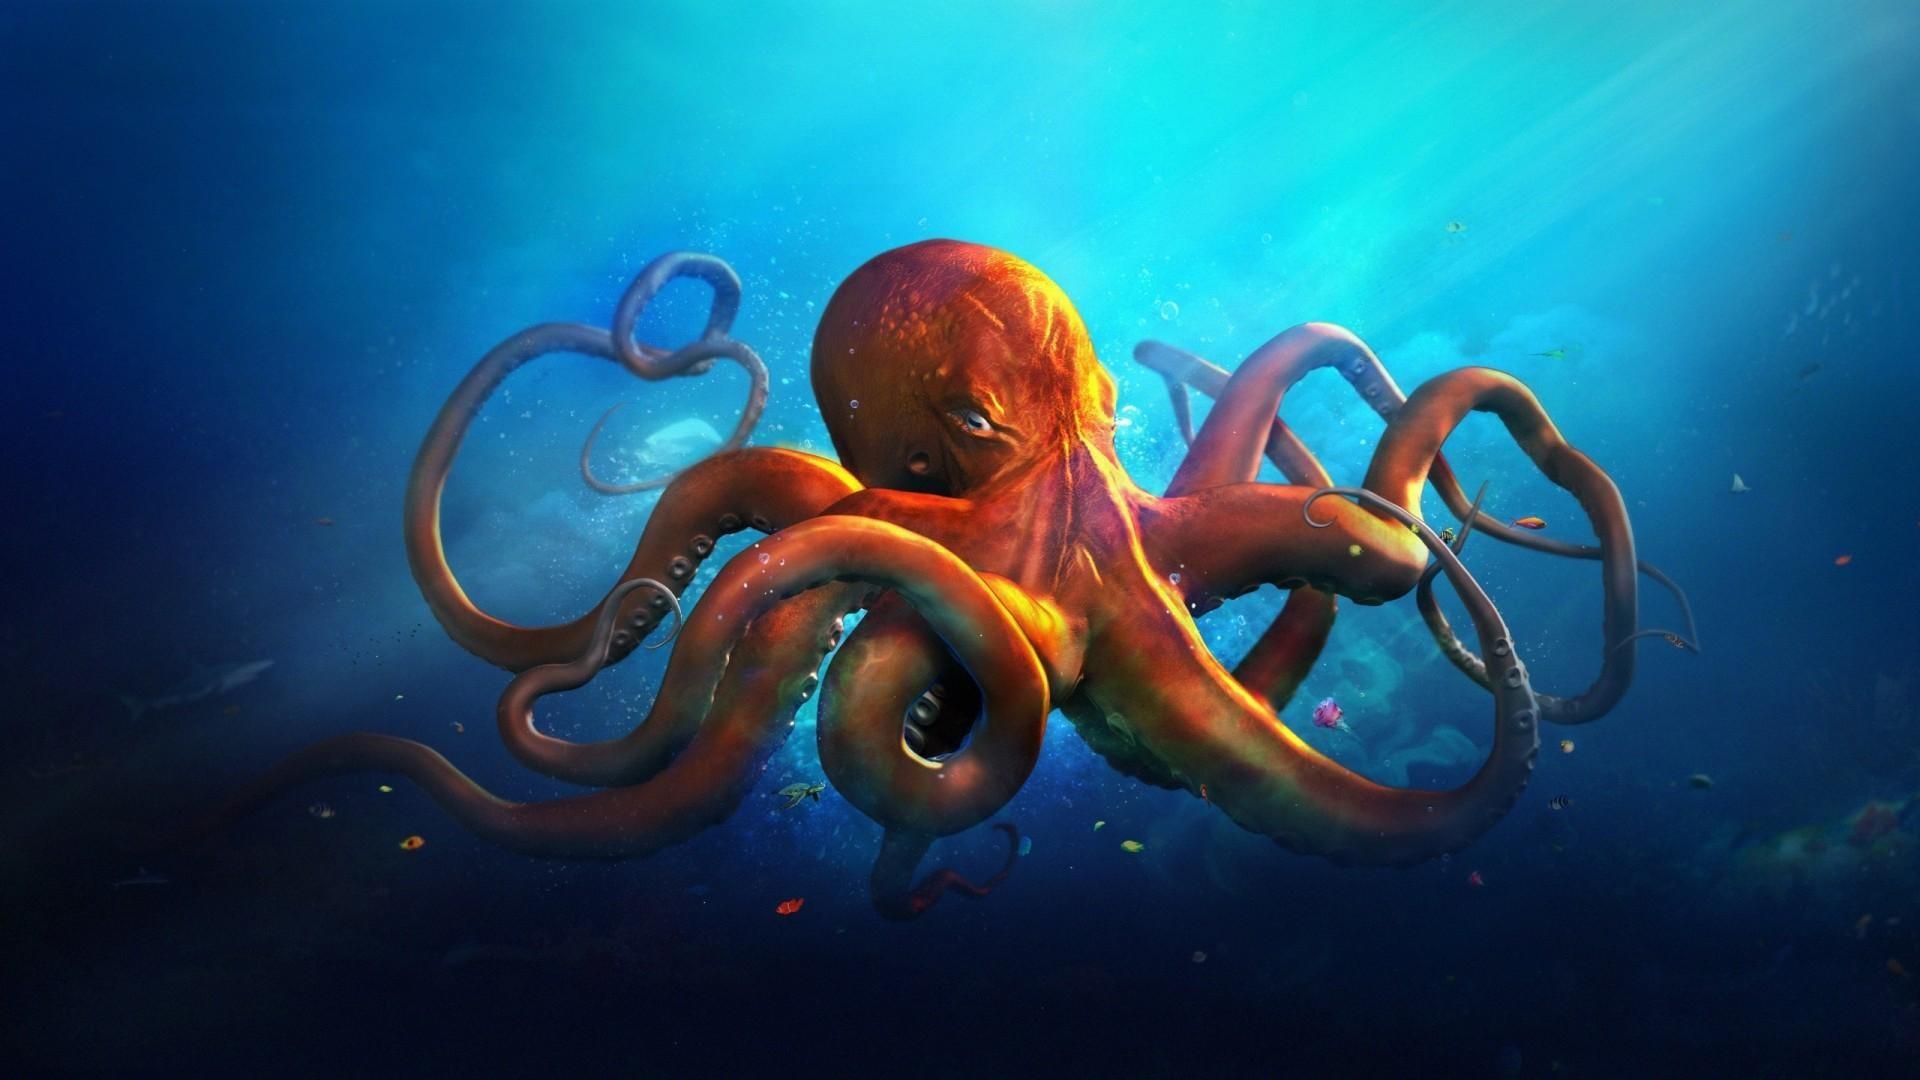 An-orange-octopus-in-blue-sea-water-Landscape-